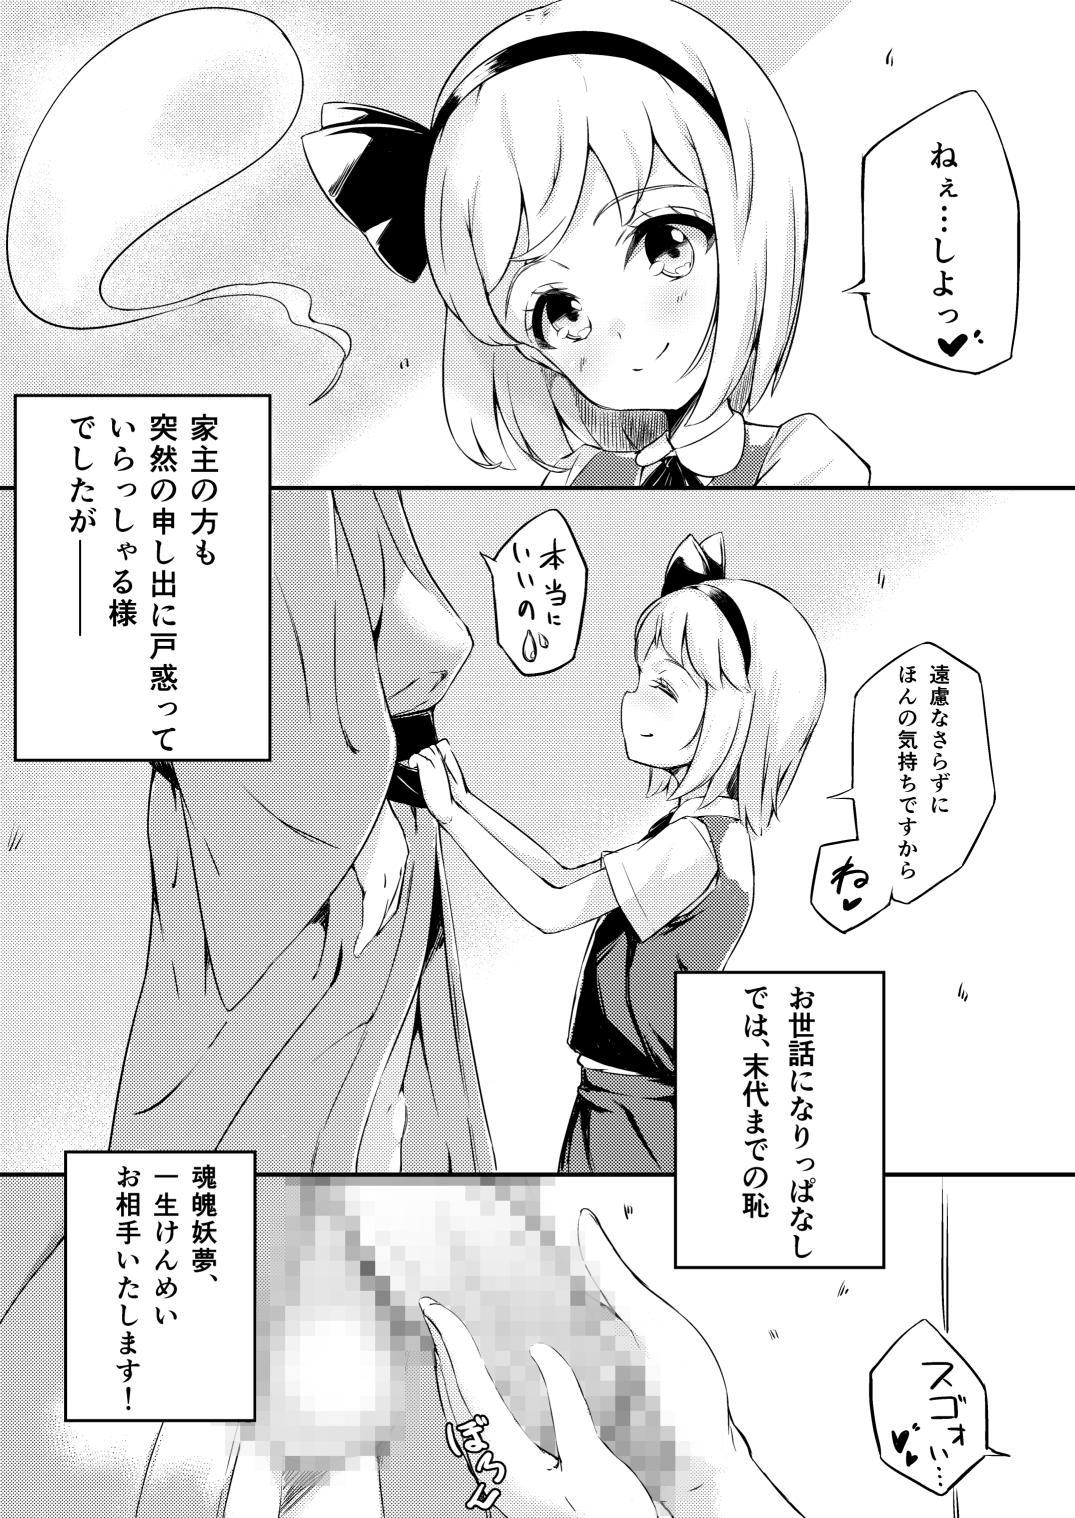 Iede Shita Niwashi no Musume ga Omoinohoka Erokatta Hanashi 3